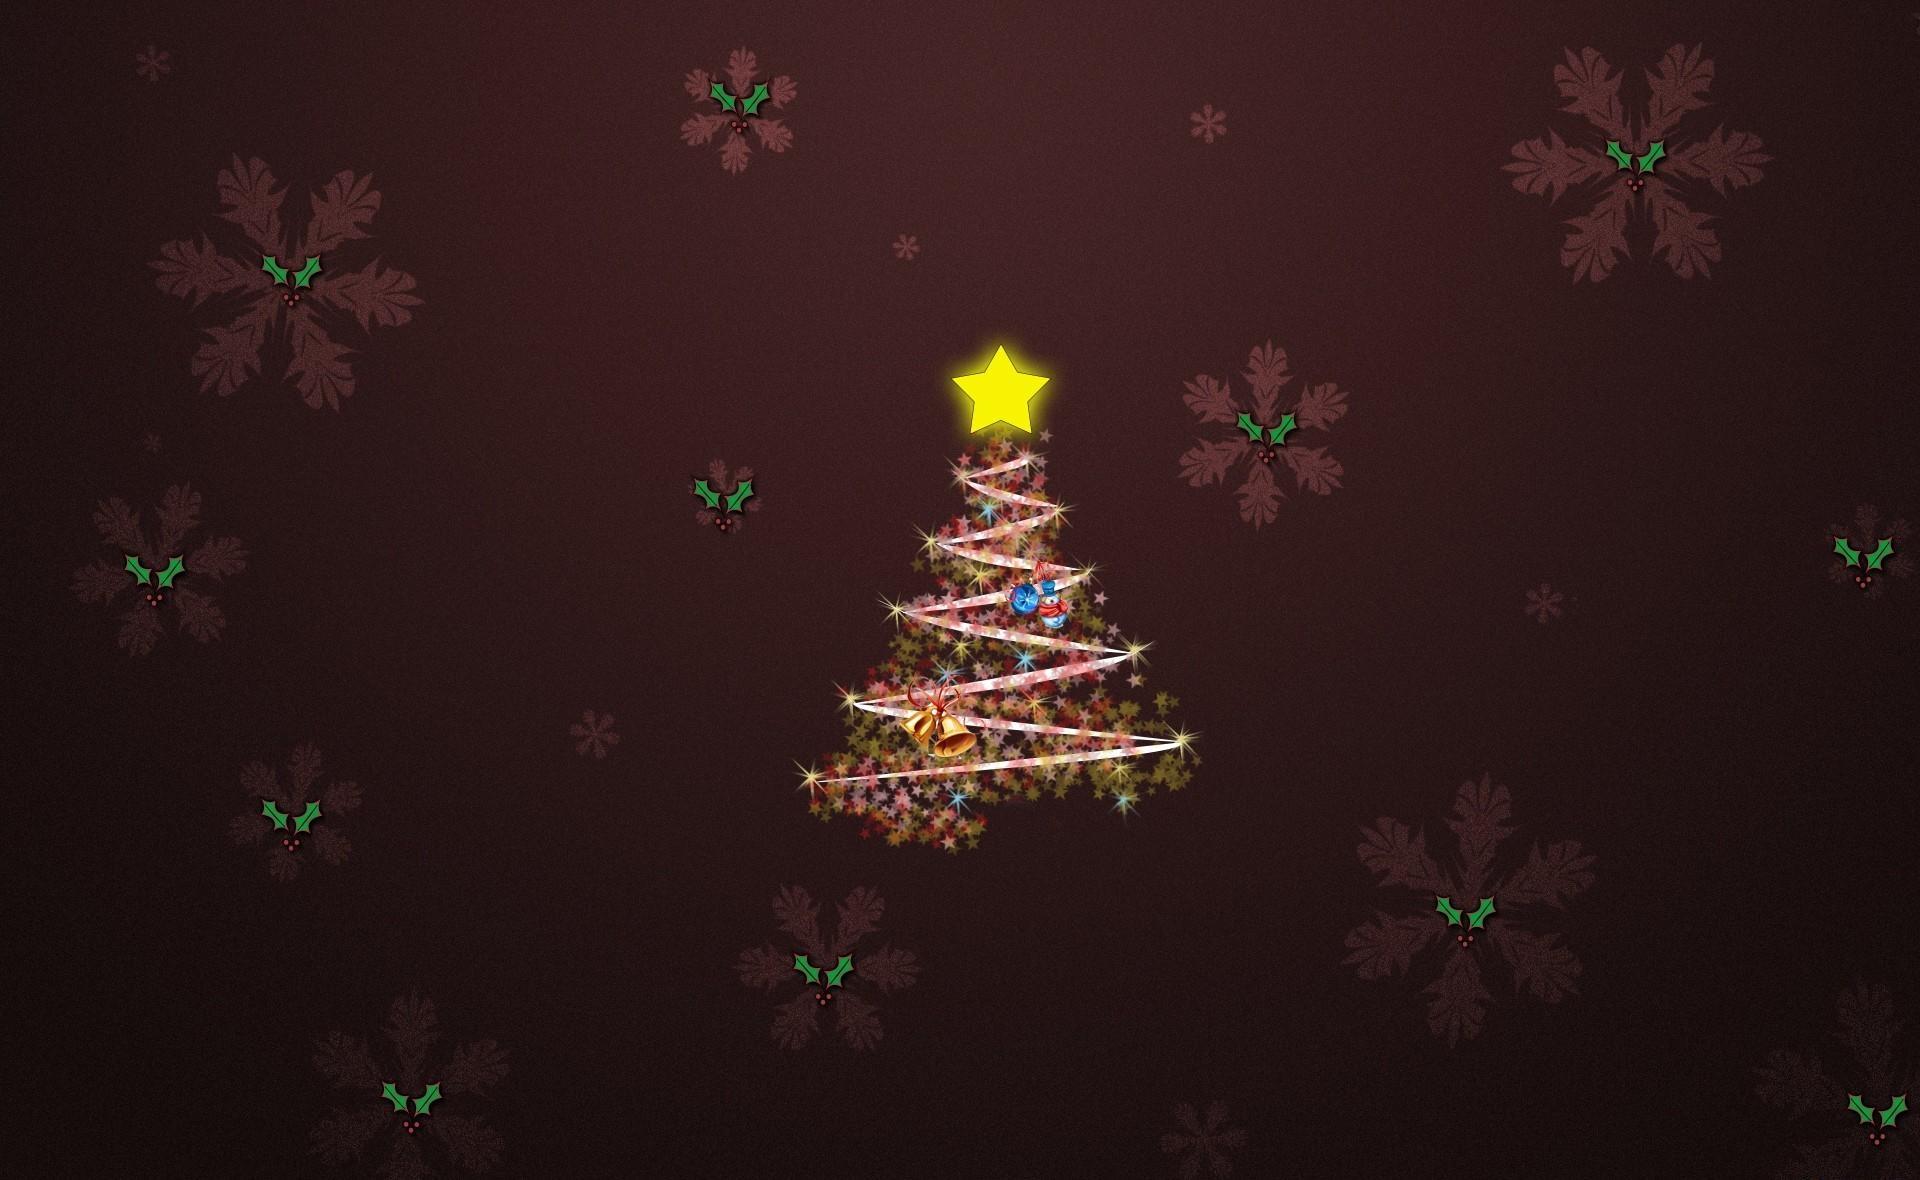 105281 скачать обои Праздники, Елка, Снежинки, Звезда, Колокольчики - заставки и картинки бесплатно